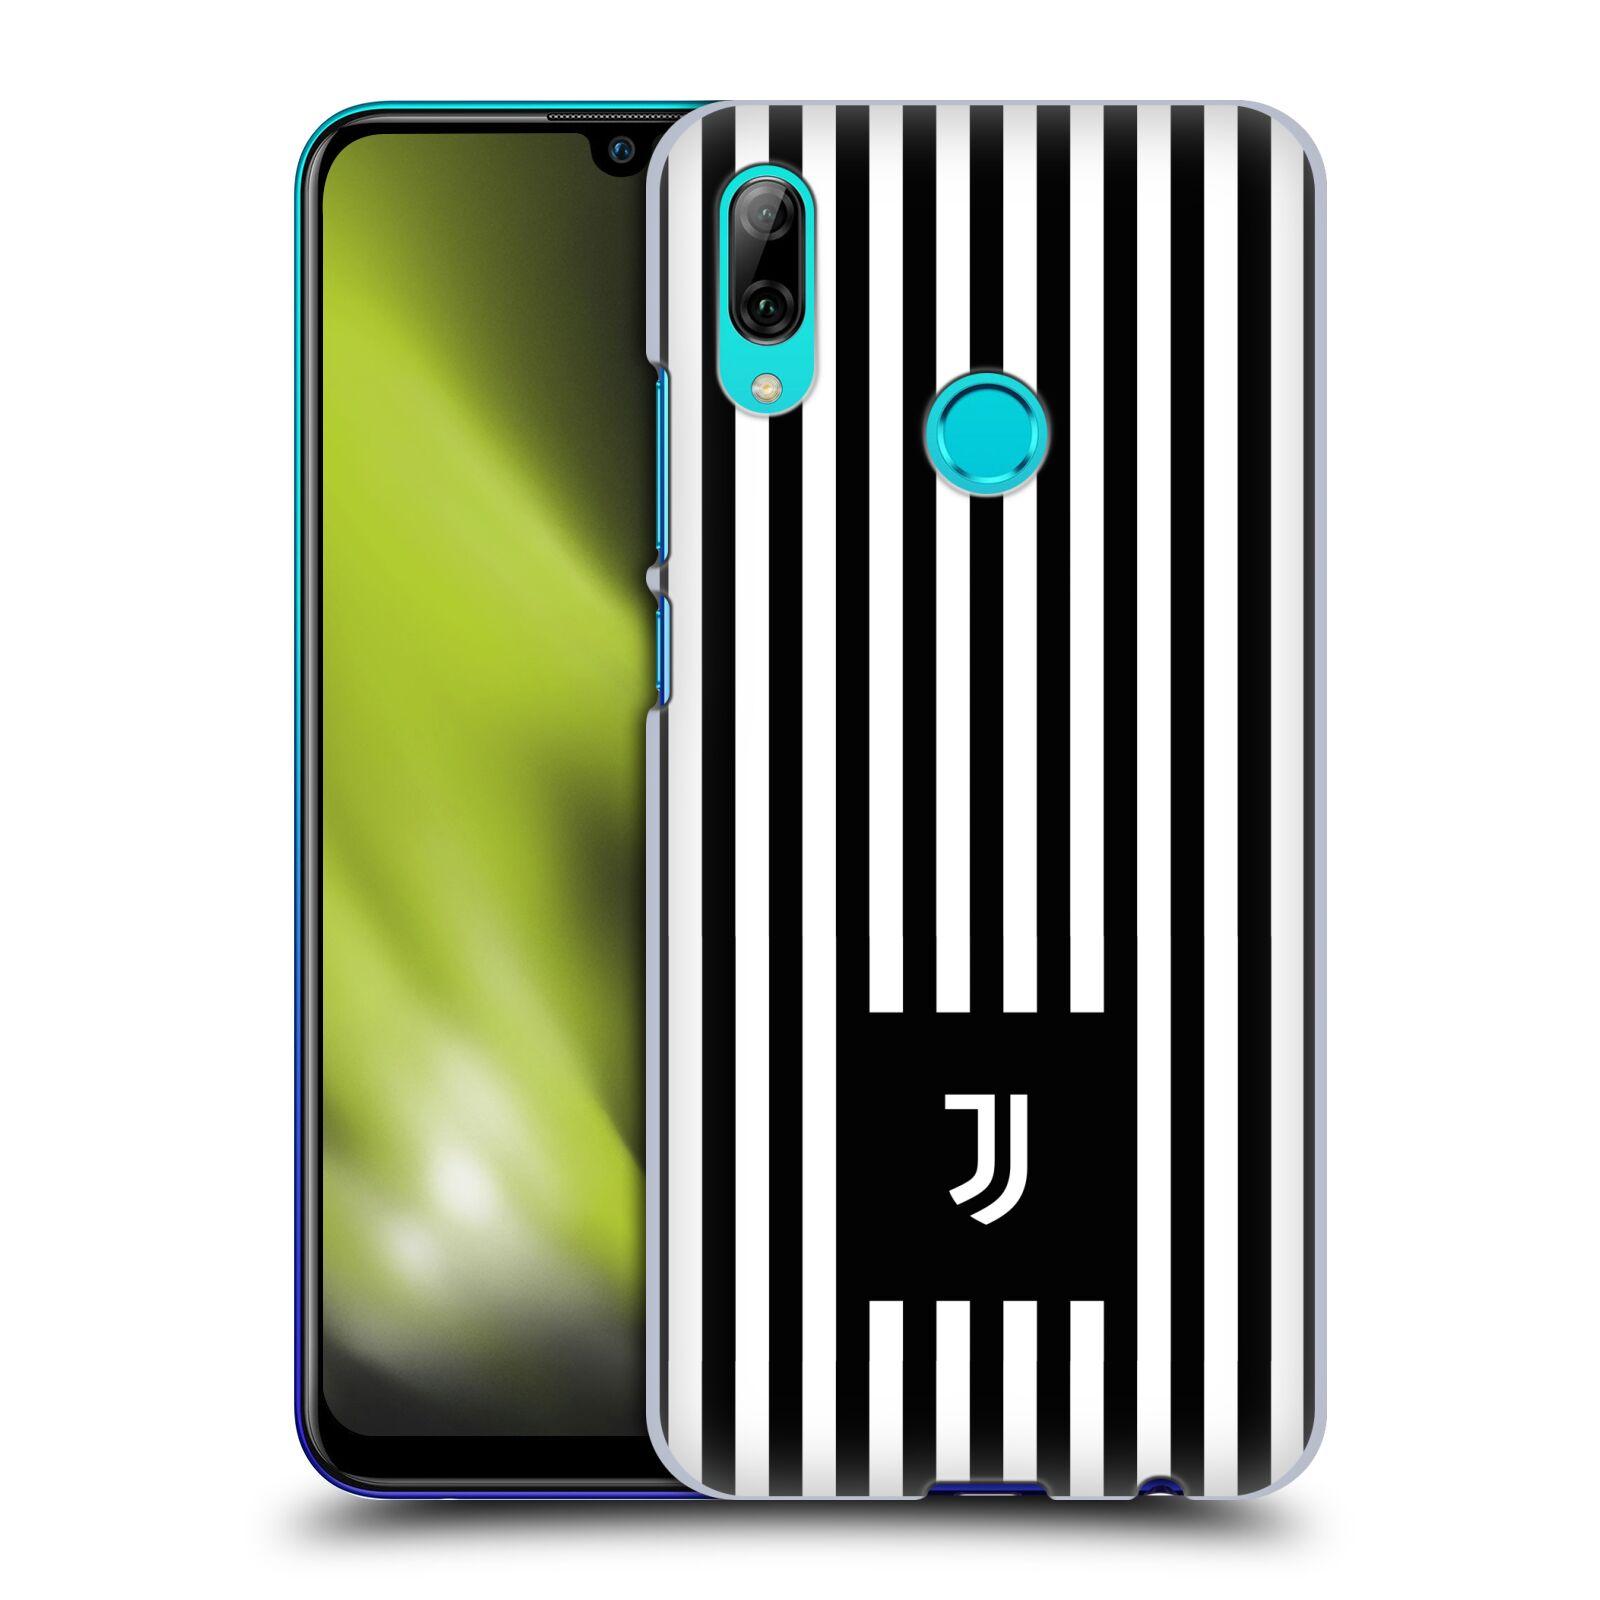 Plastové pouzdro na mobil Huawei P Smart (2019) - Head Case - Juventus FC - Nové logo - Pruhy